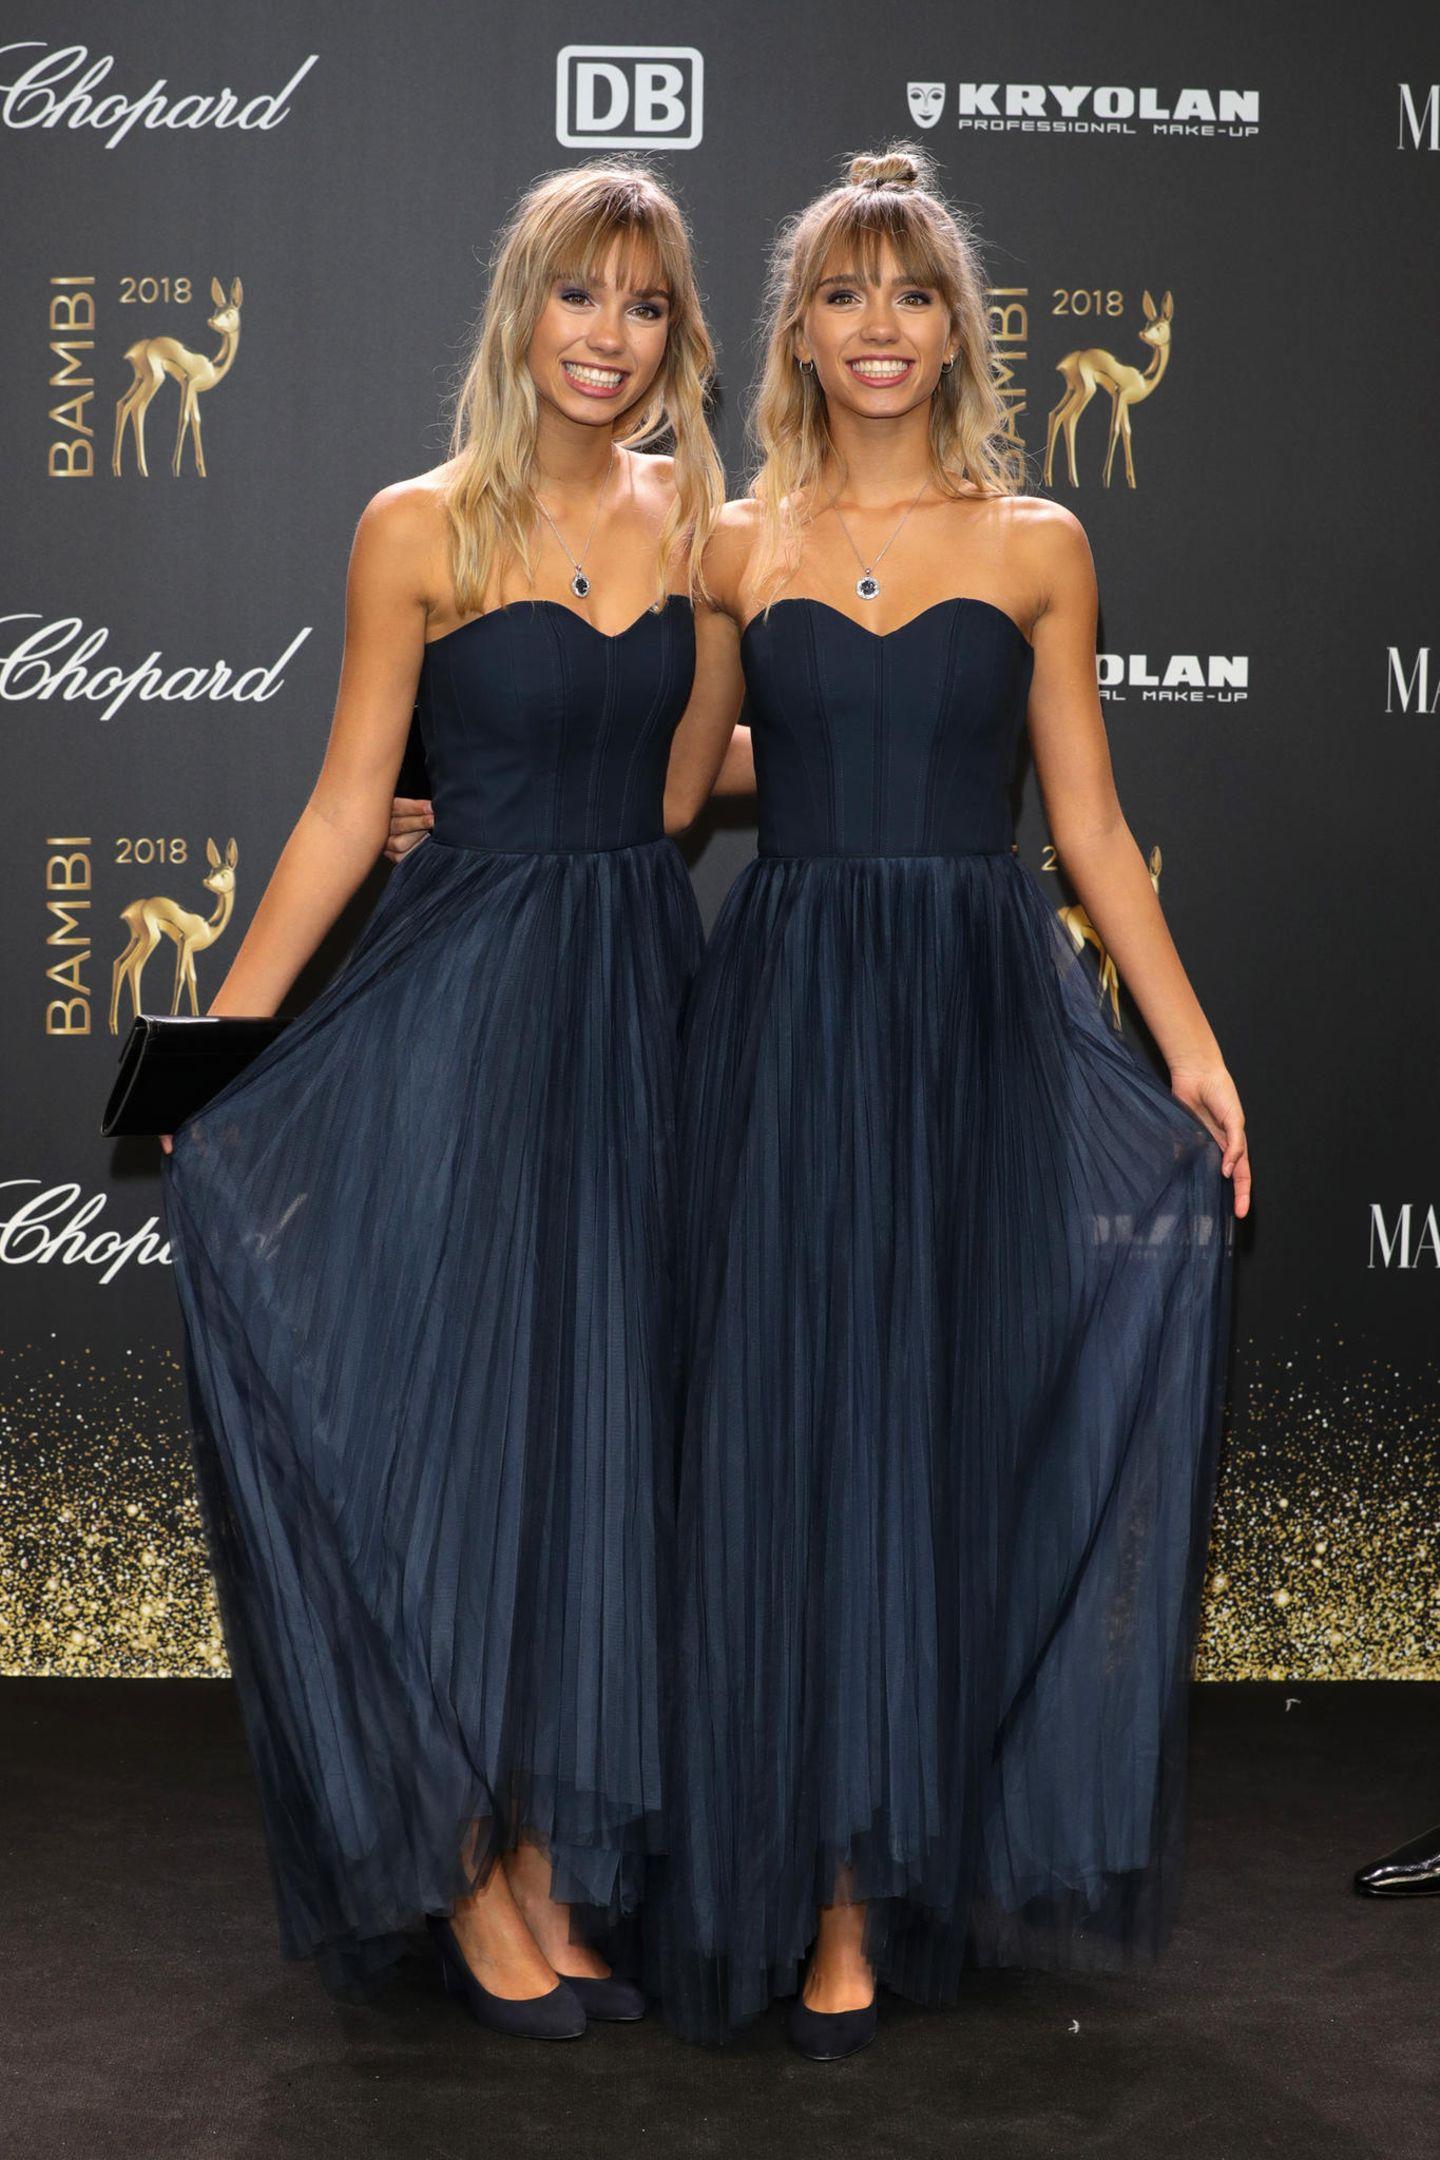 Die Zwillinge Lisa und Lena erscheinen im komplett identischen Look von H&M. Nur an ihrer Frisur kann man sie noch unterscheiden.